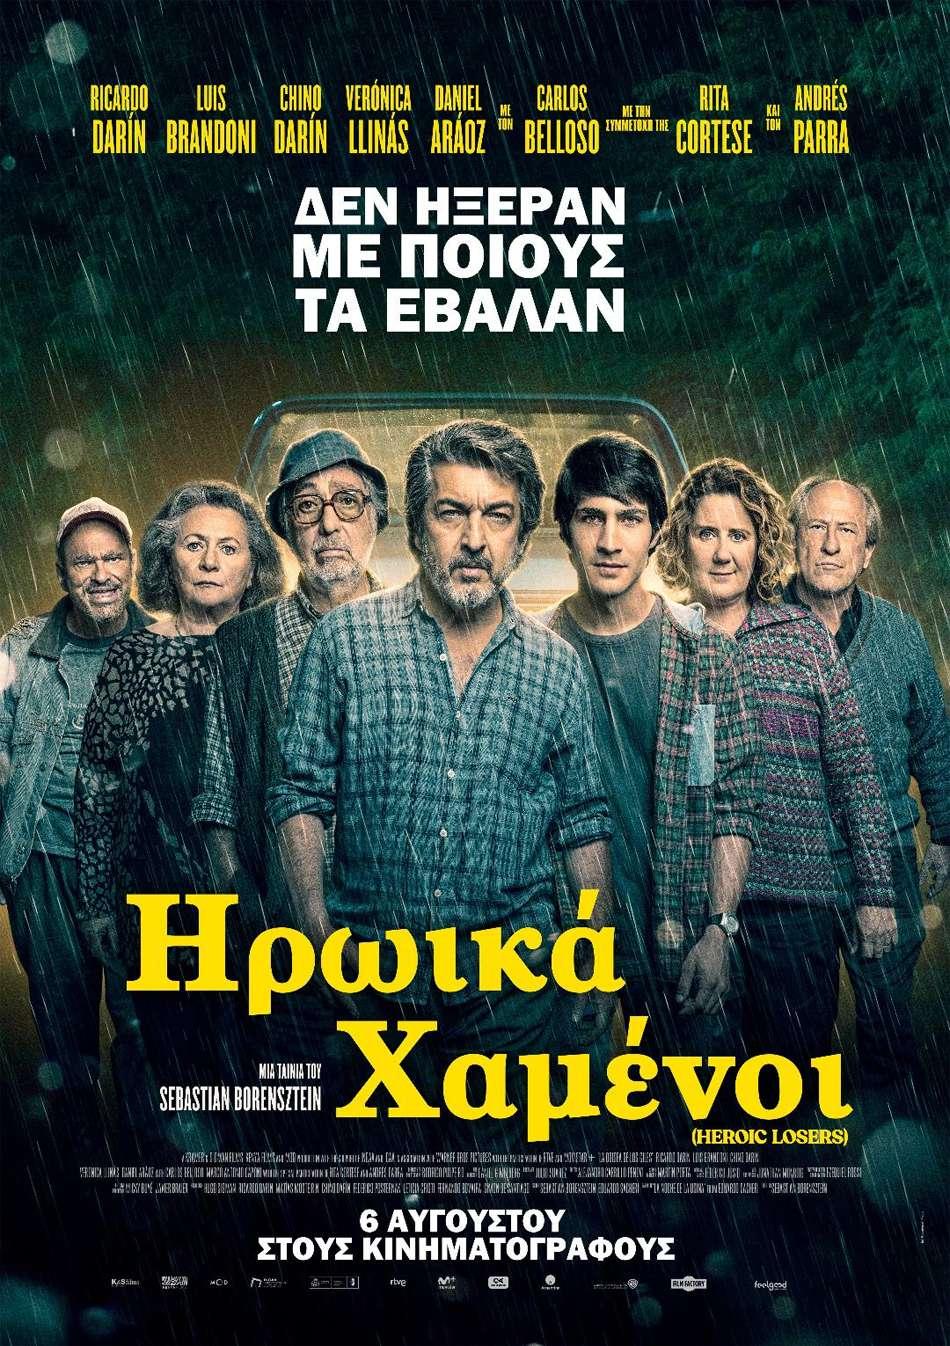 Ηρωικά Χαμένοι (La Odisea De Los Giles / Heroic Losers) Poster